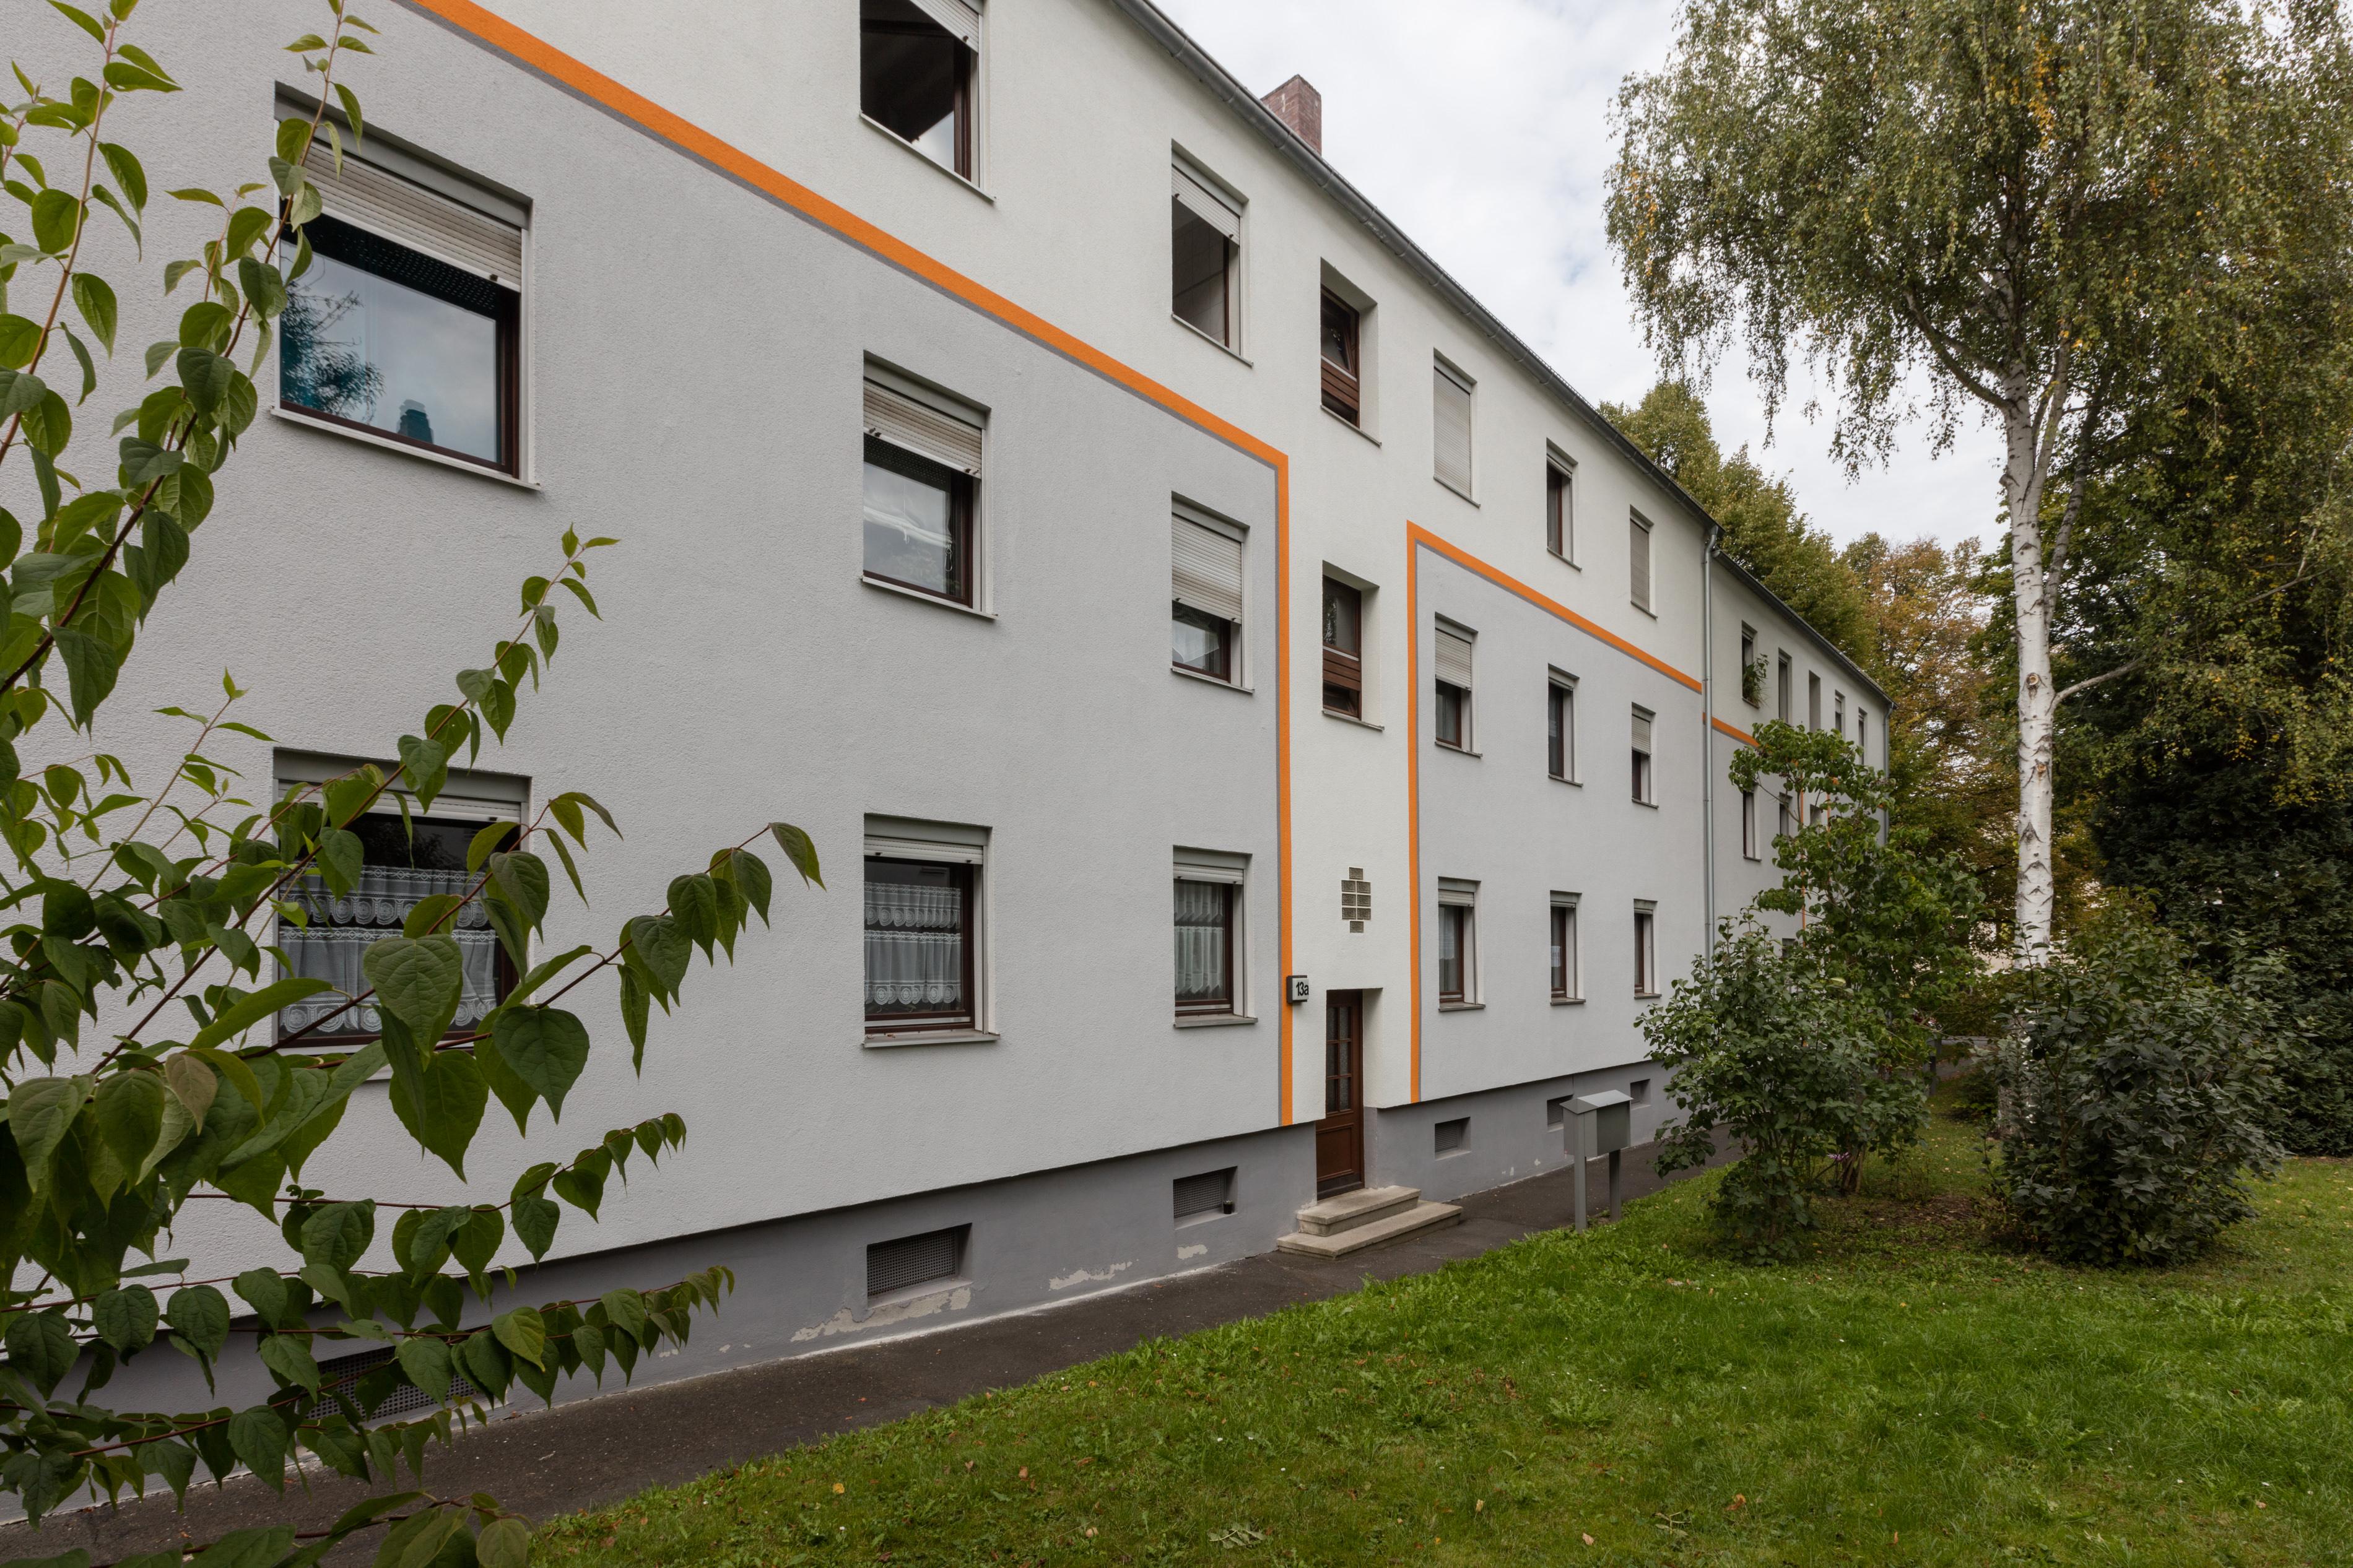 bew_würzburg-12